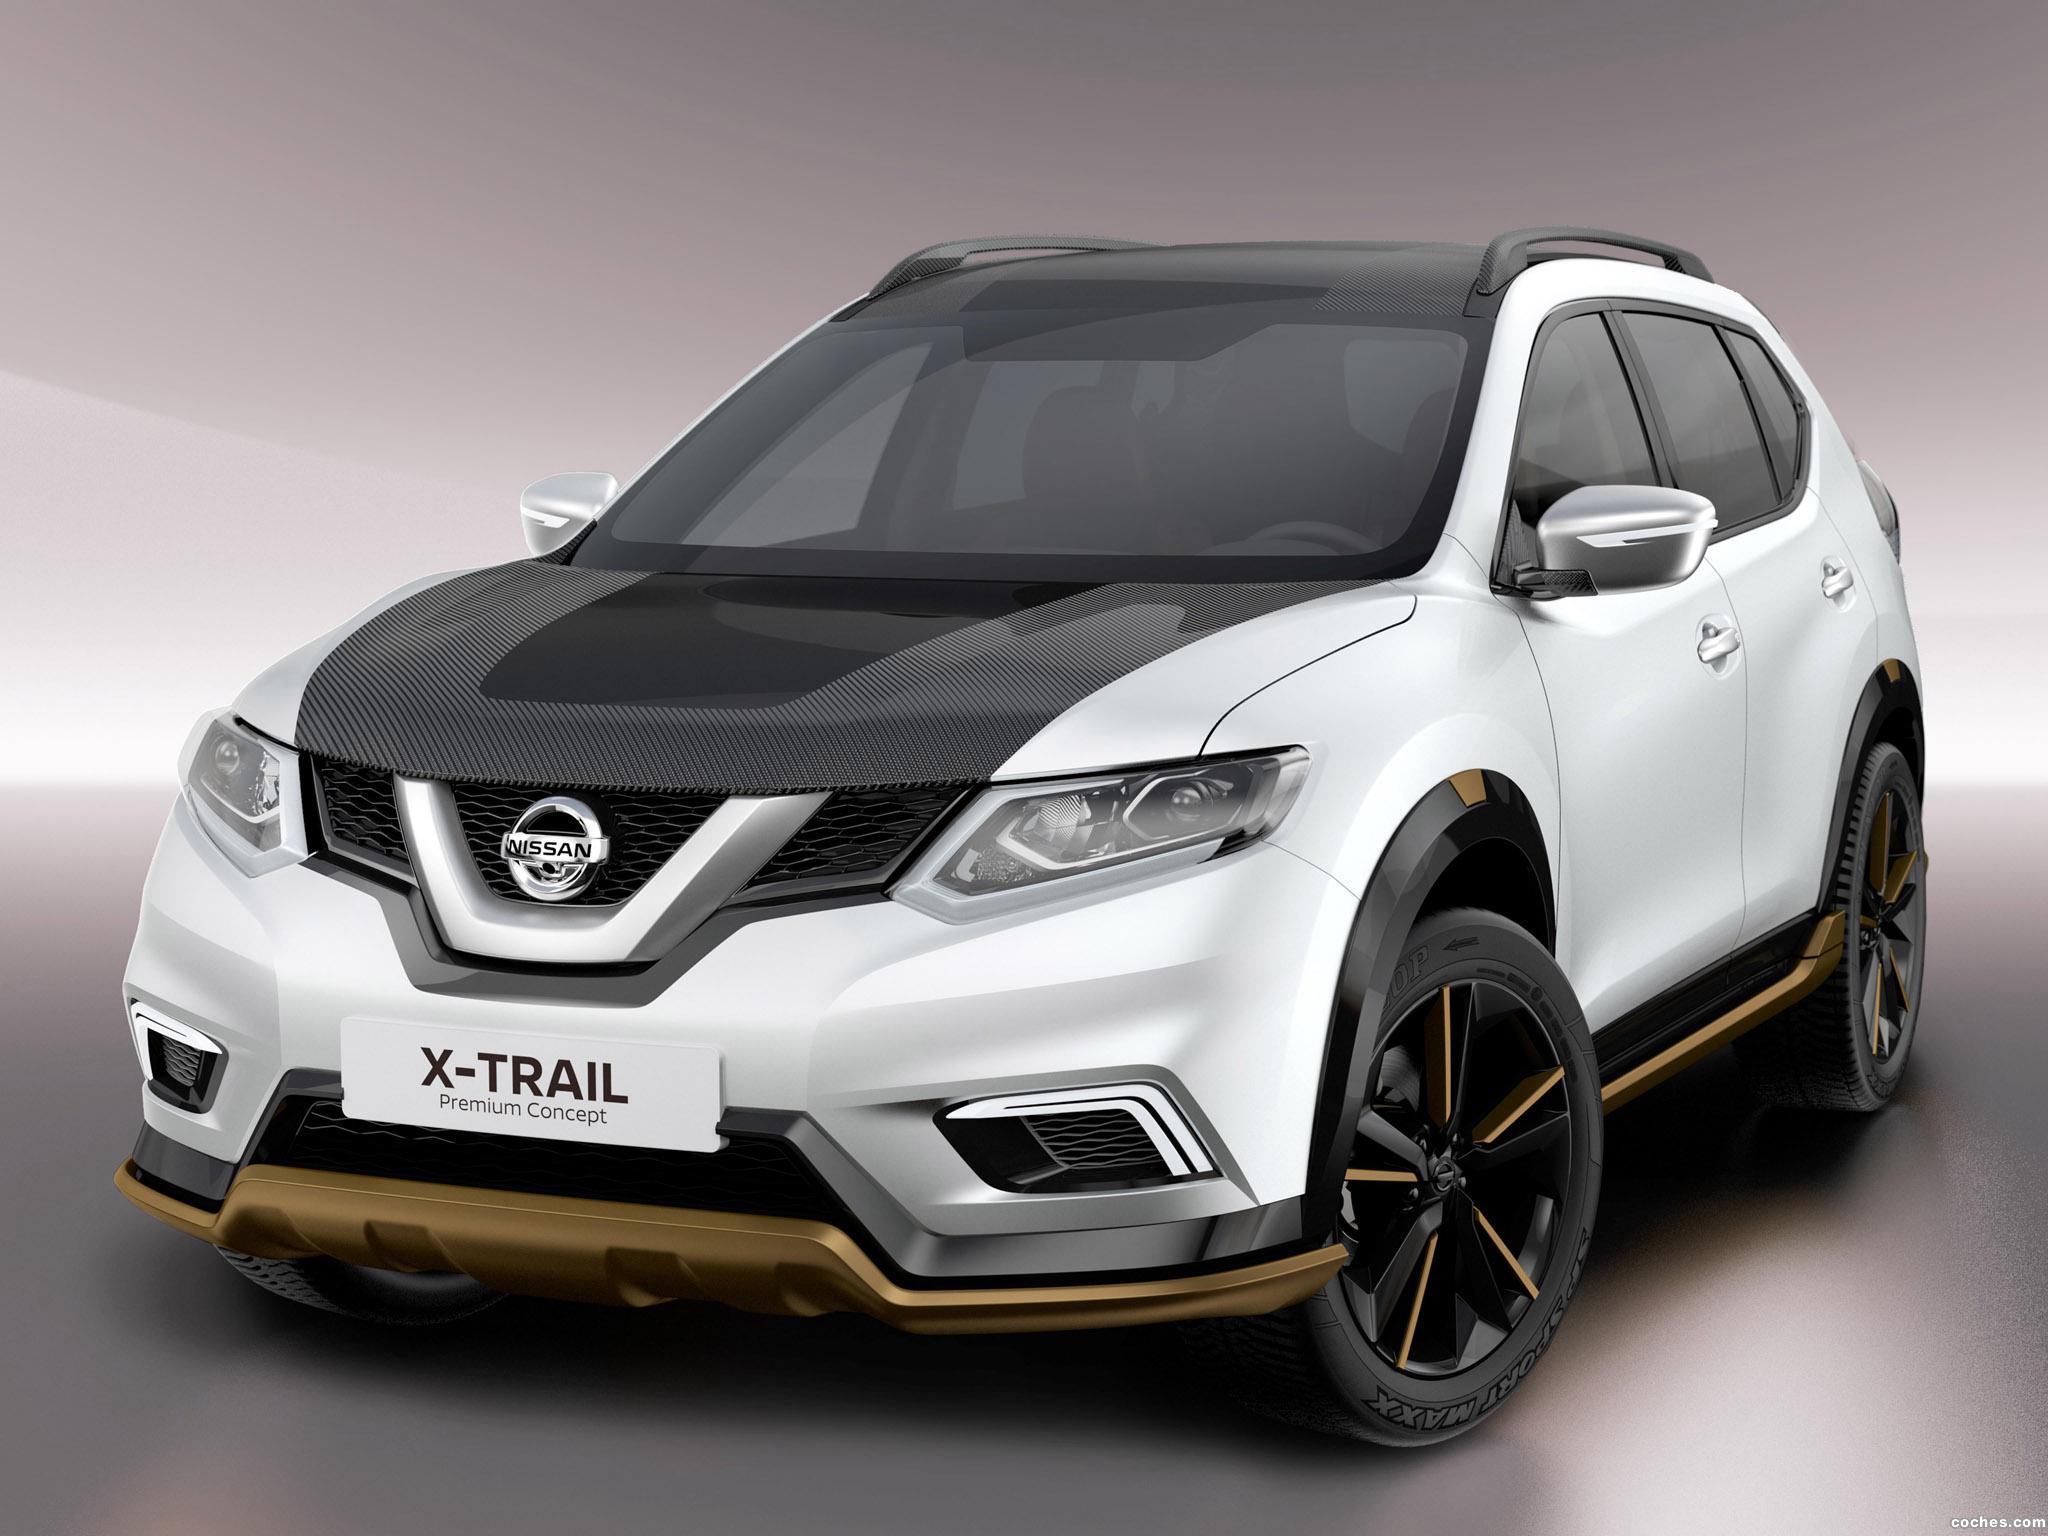 Foto 0 de Nissan X-Trail Premium Concept T32 2016